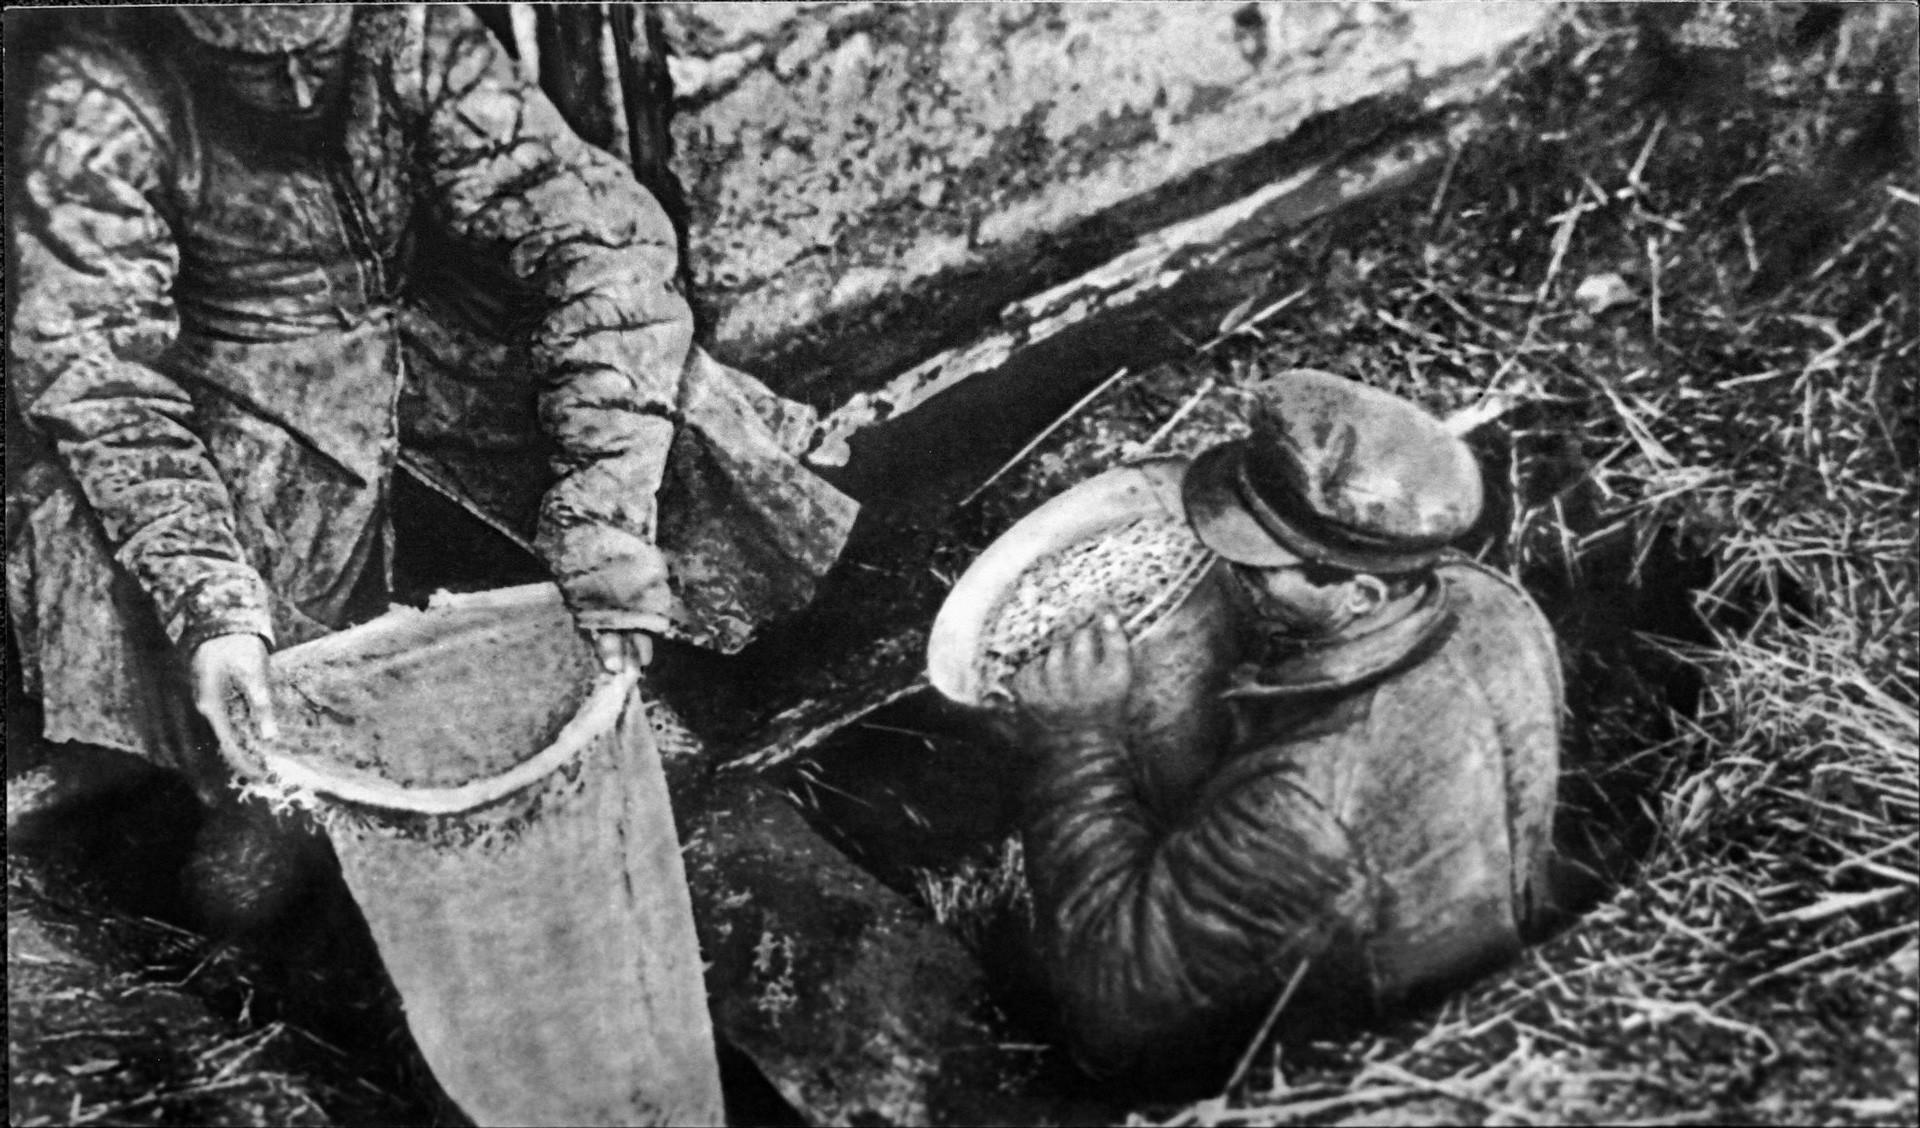 Работники ОГПУ извлекают из ямы спрятанное зерно, 1932 год. Фото: © wikipedia.org/Государственный музей политической истории России